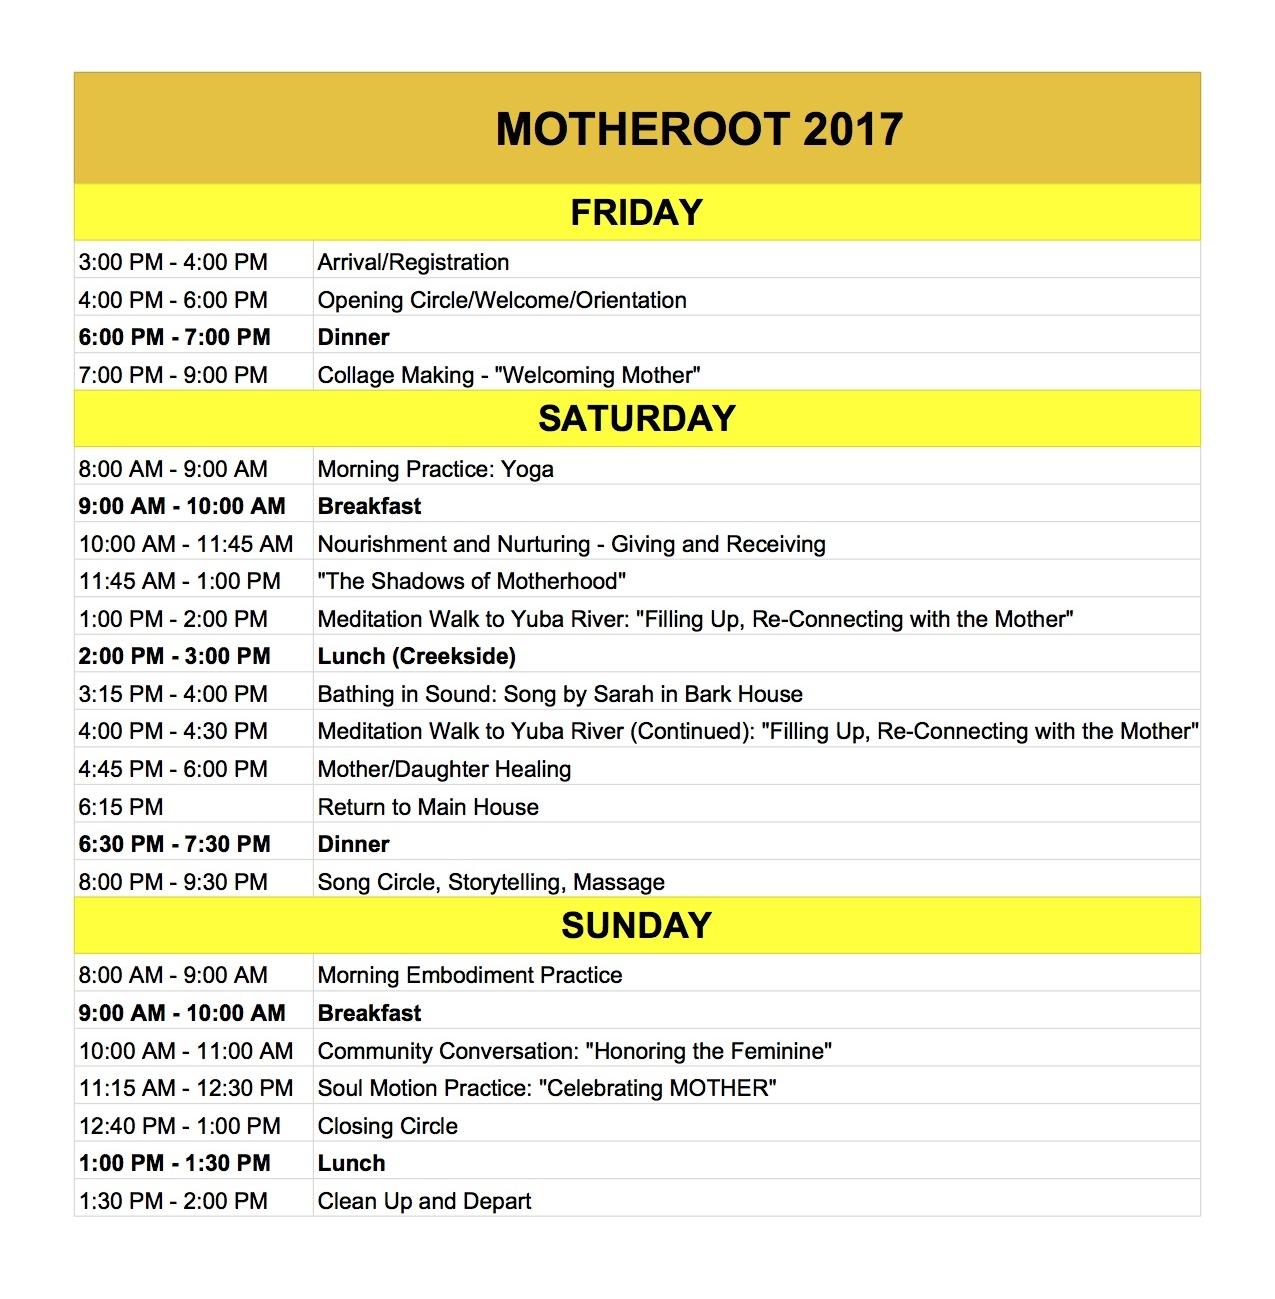 MotherRoot Schedule 2017 - Sheet1.jpg